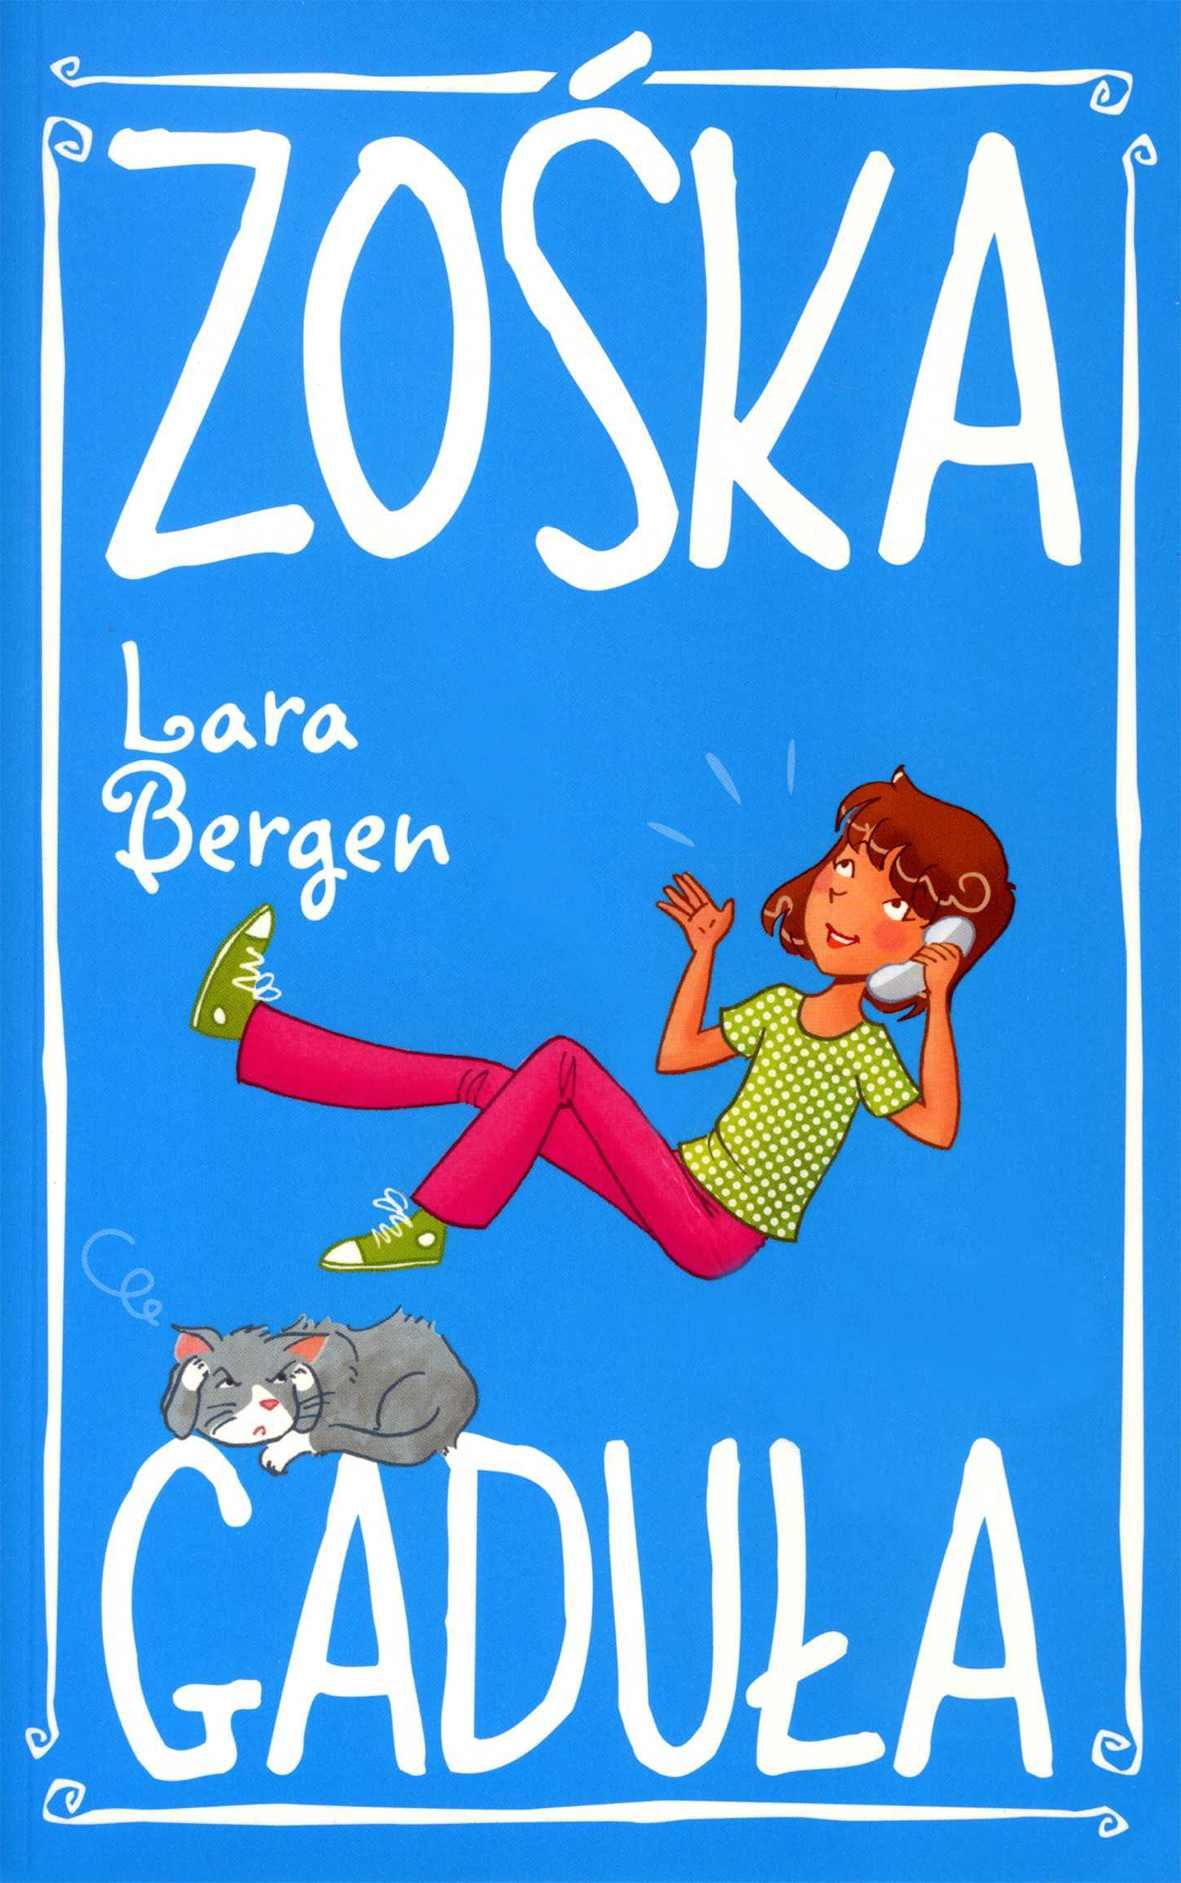 Zośka Gaduła - Ebook (Książka EPUB) do pobrania w formacie EPUB